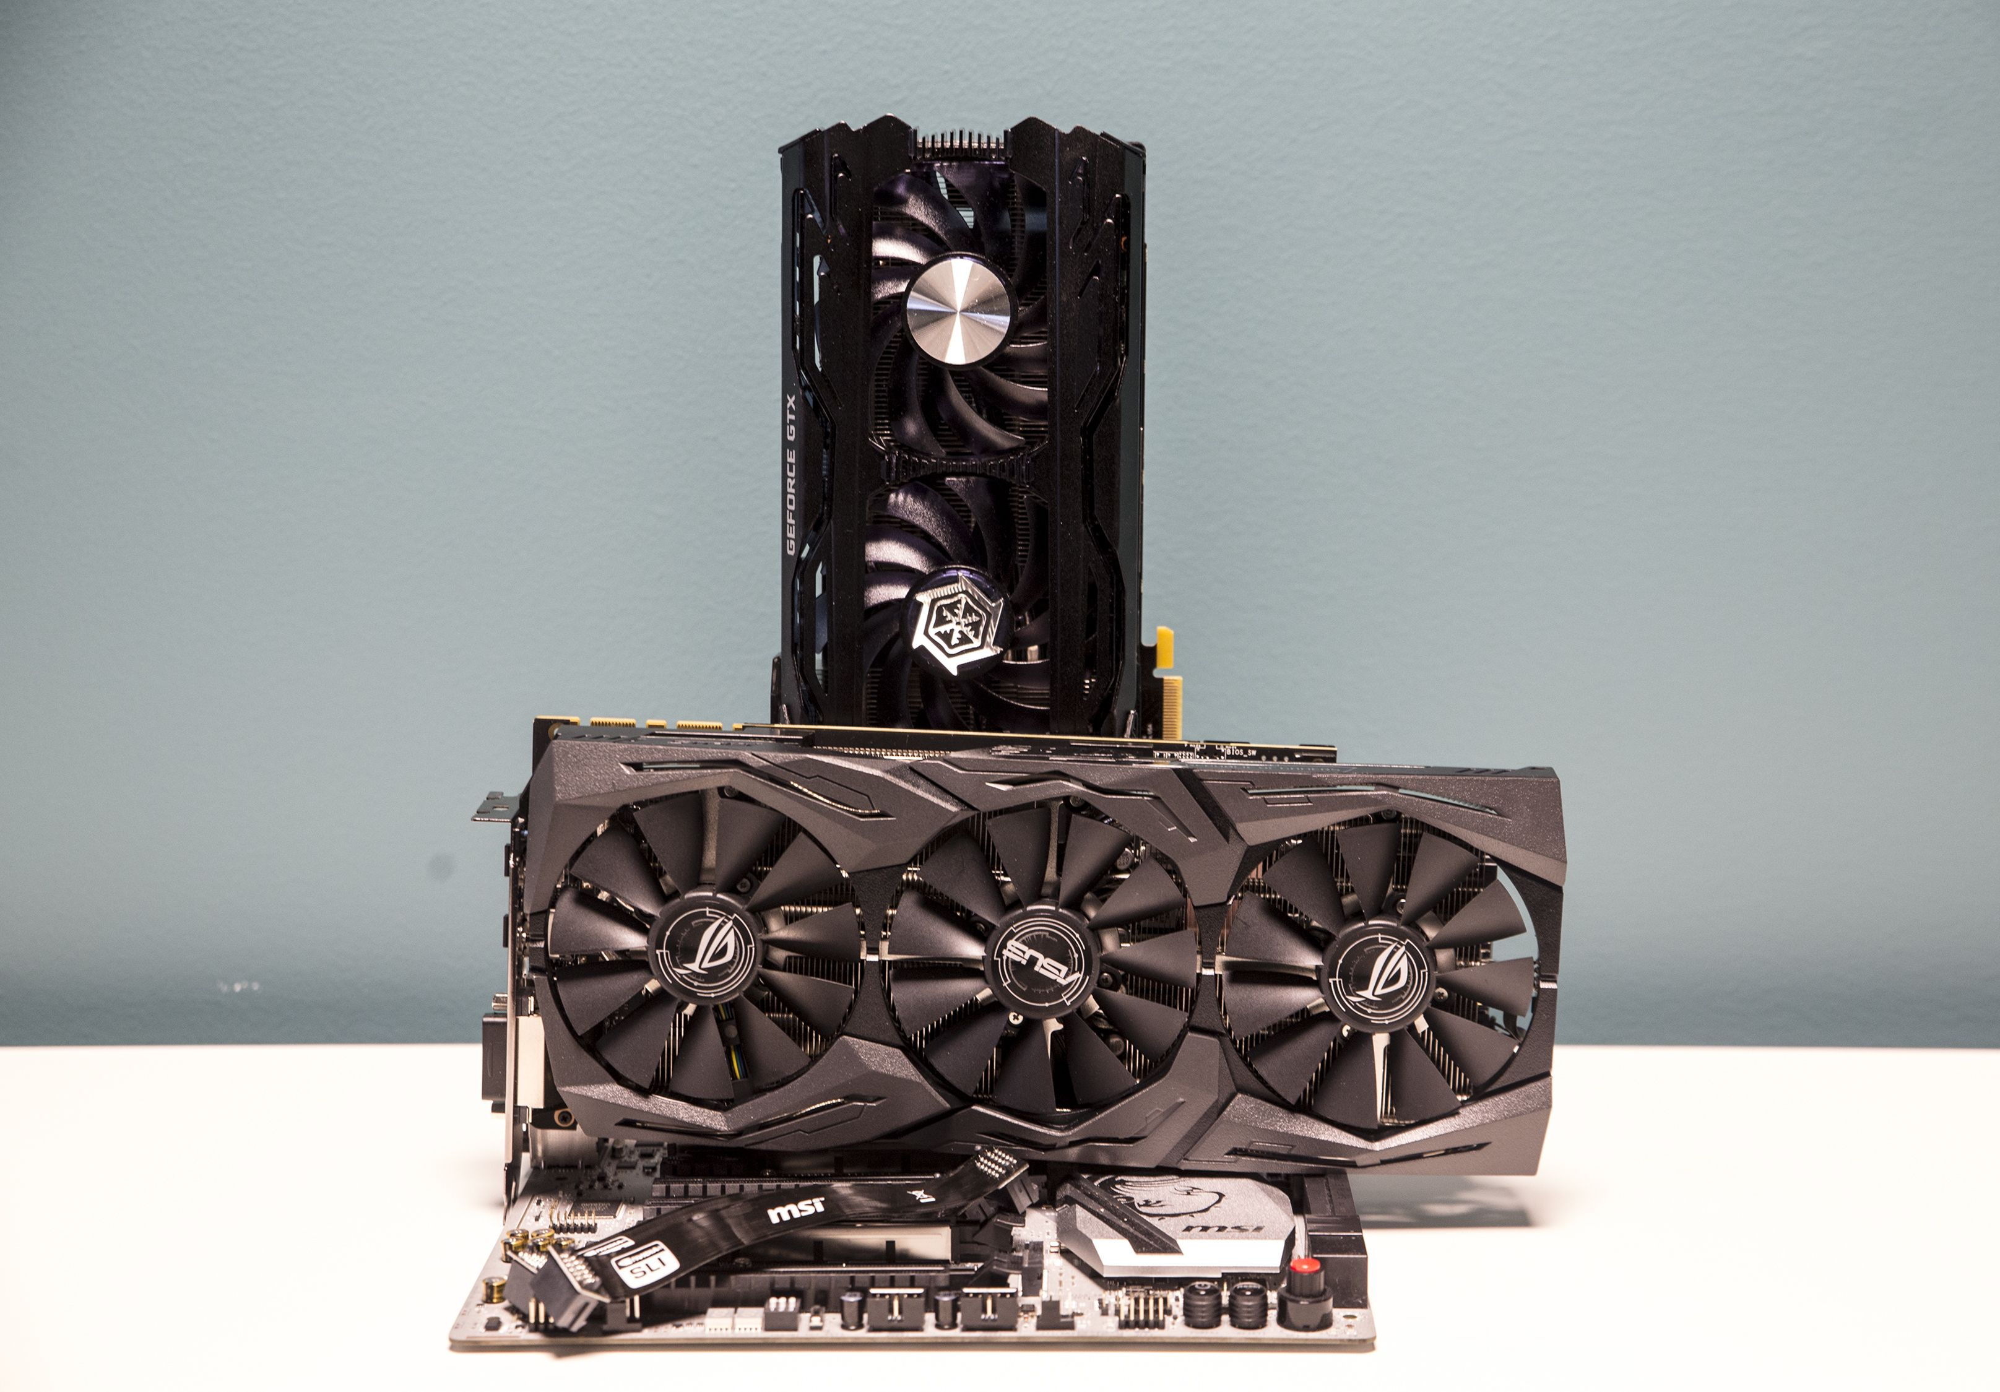 ecfa03a7 GTX 1080 Ti i SLI er for deg som krever det aller beste og har en